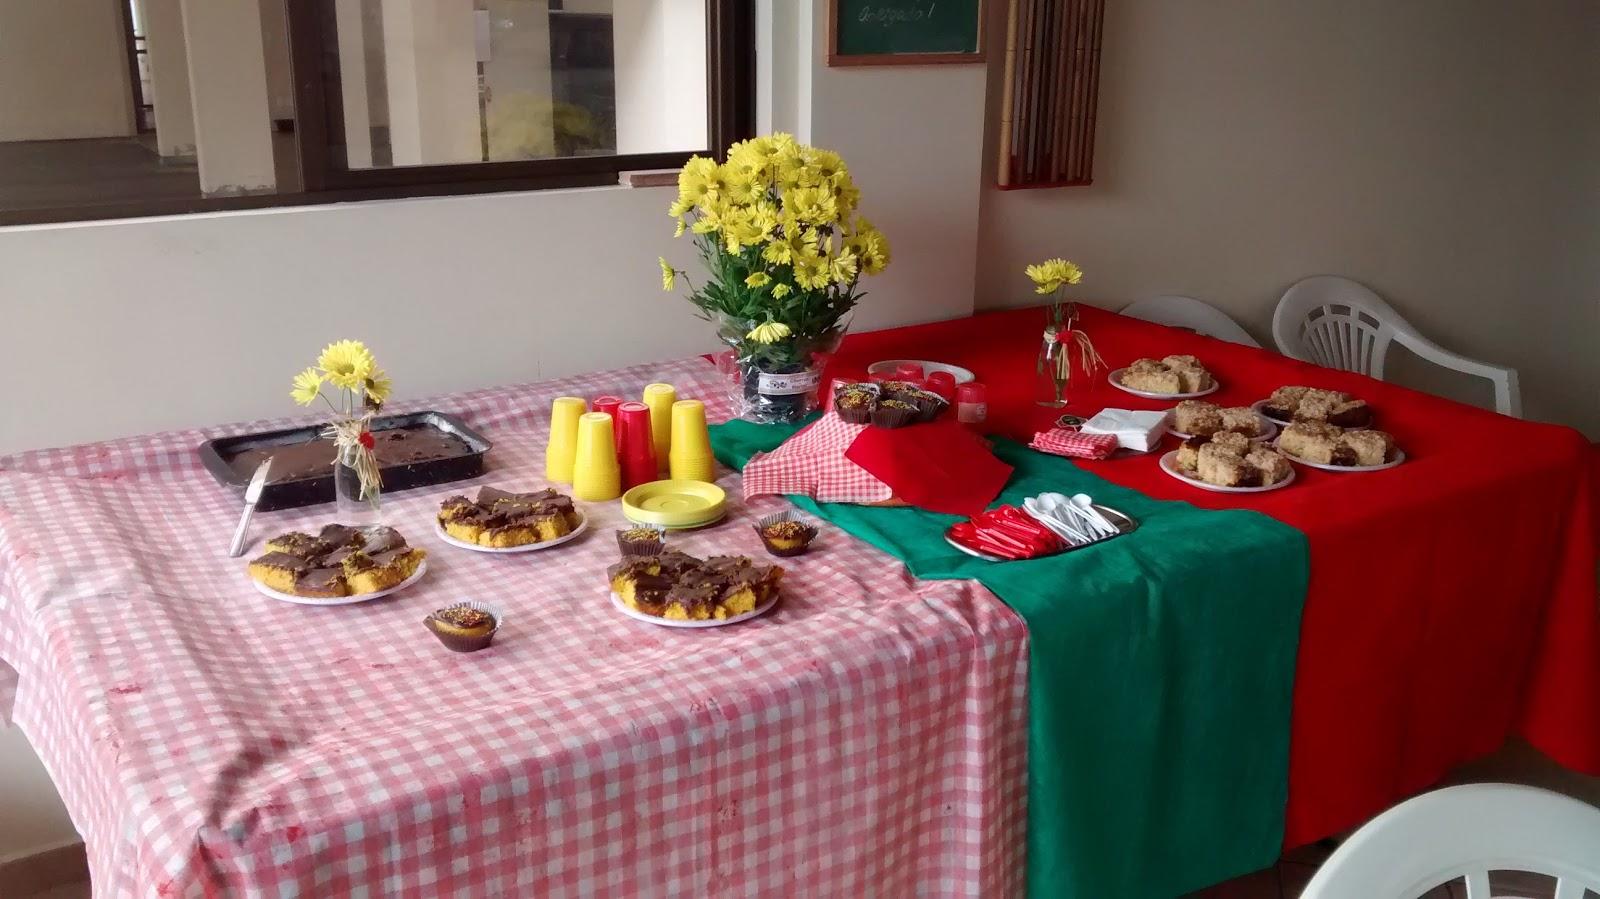 Preferência Ana Ottobeli: DIY: Decoração Barbecue ou Churrasco - A FESTA SM28